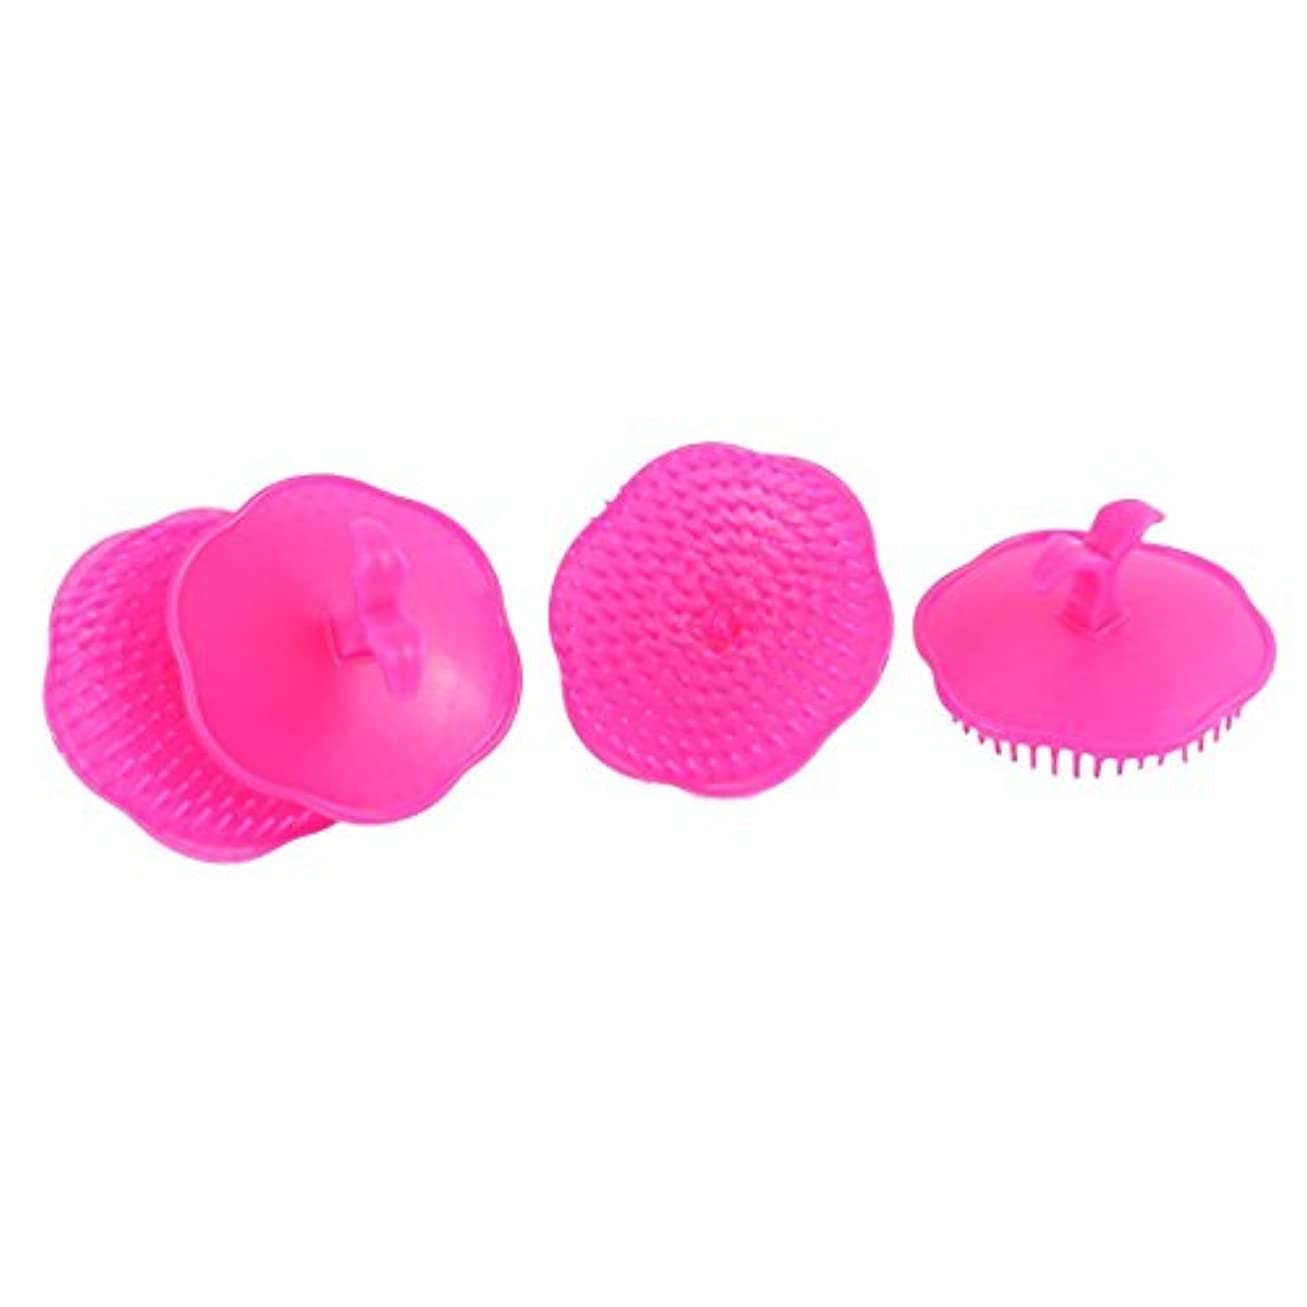 とげのある中央情熱的uxcell シャンプーブラシ 洗髪櫛 マッサージャー プラスチック フクシア 4個